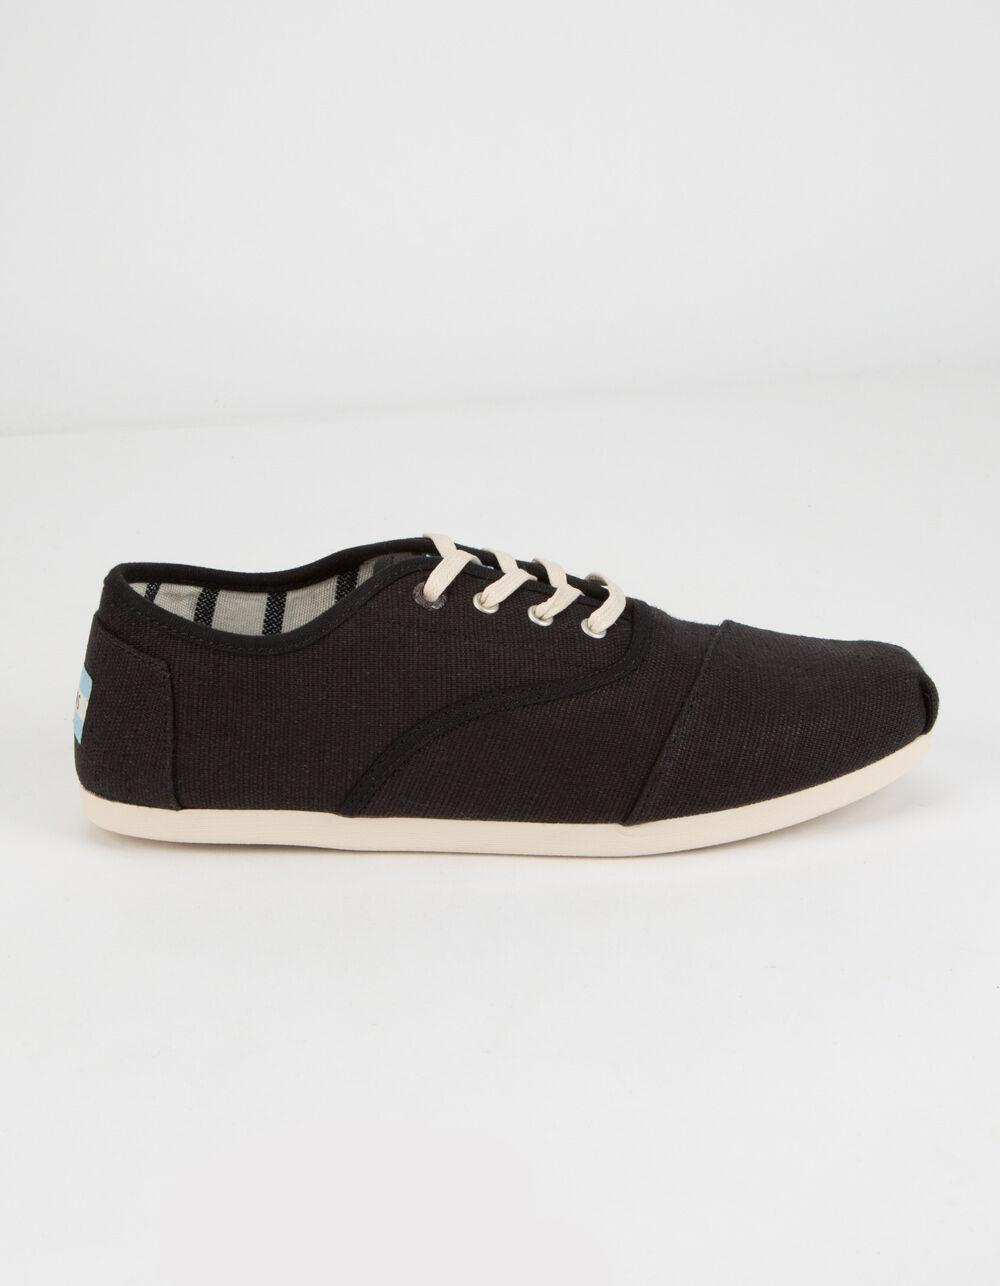 TOMS Cardones Black Heritage Canvas Shoes